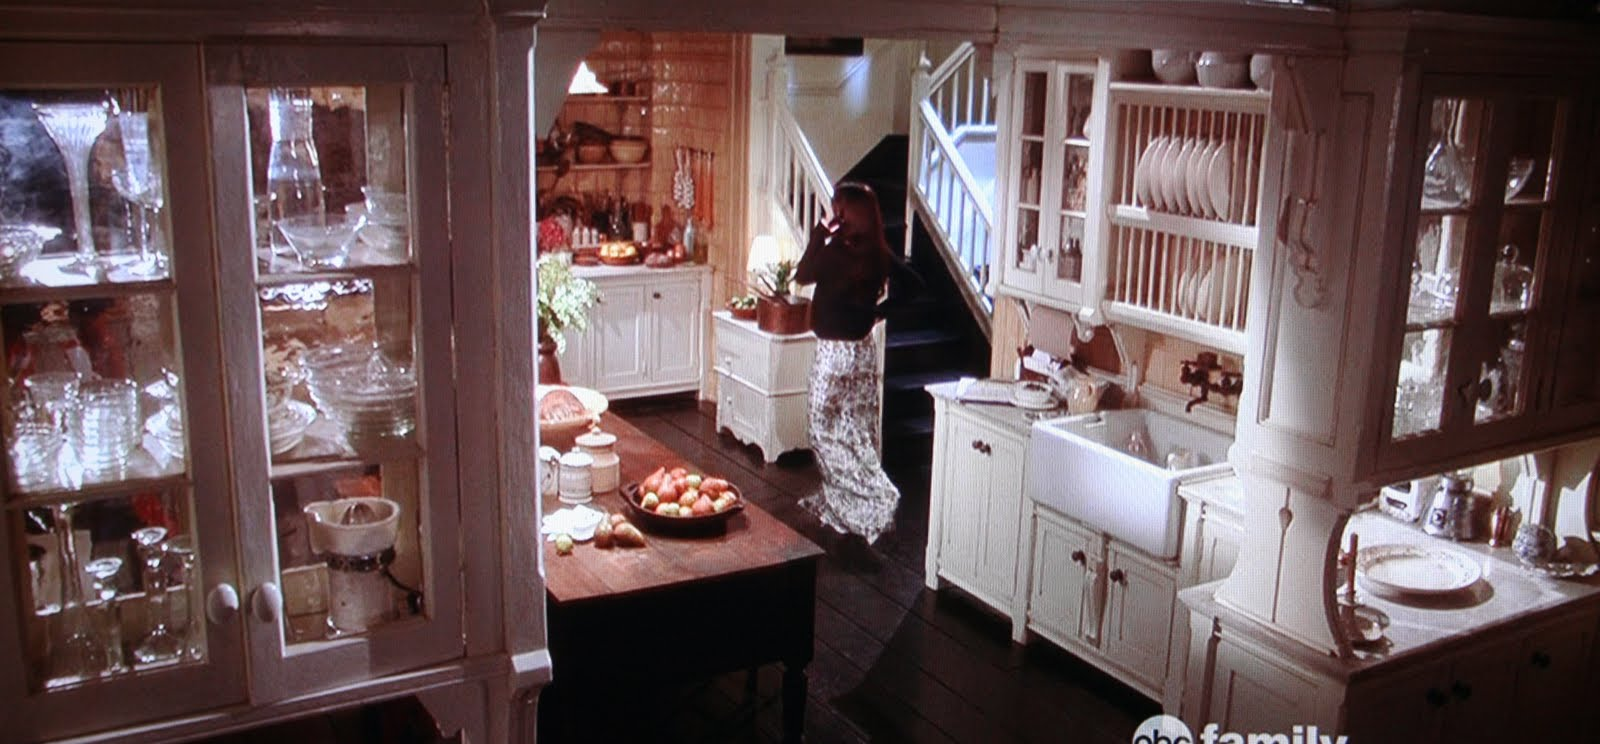 Practical Magic movie still of kitchen